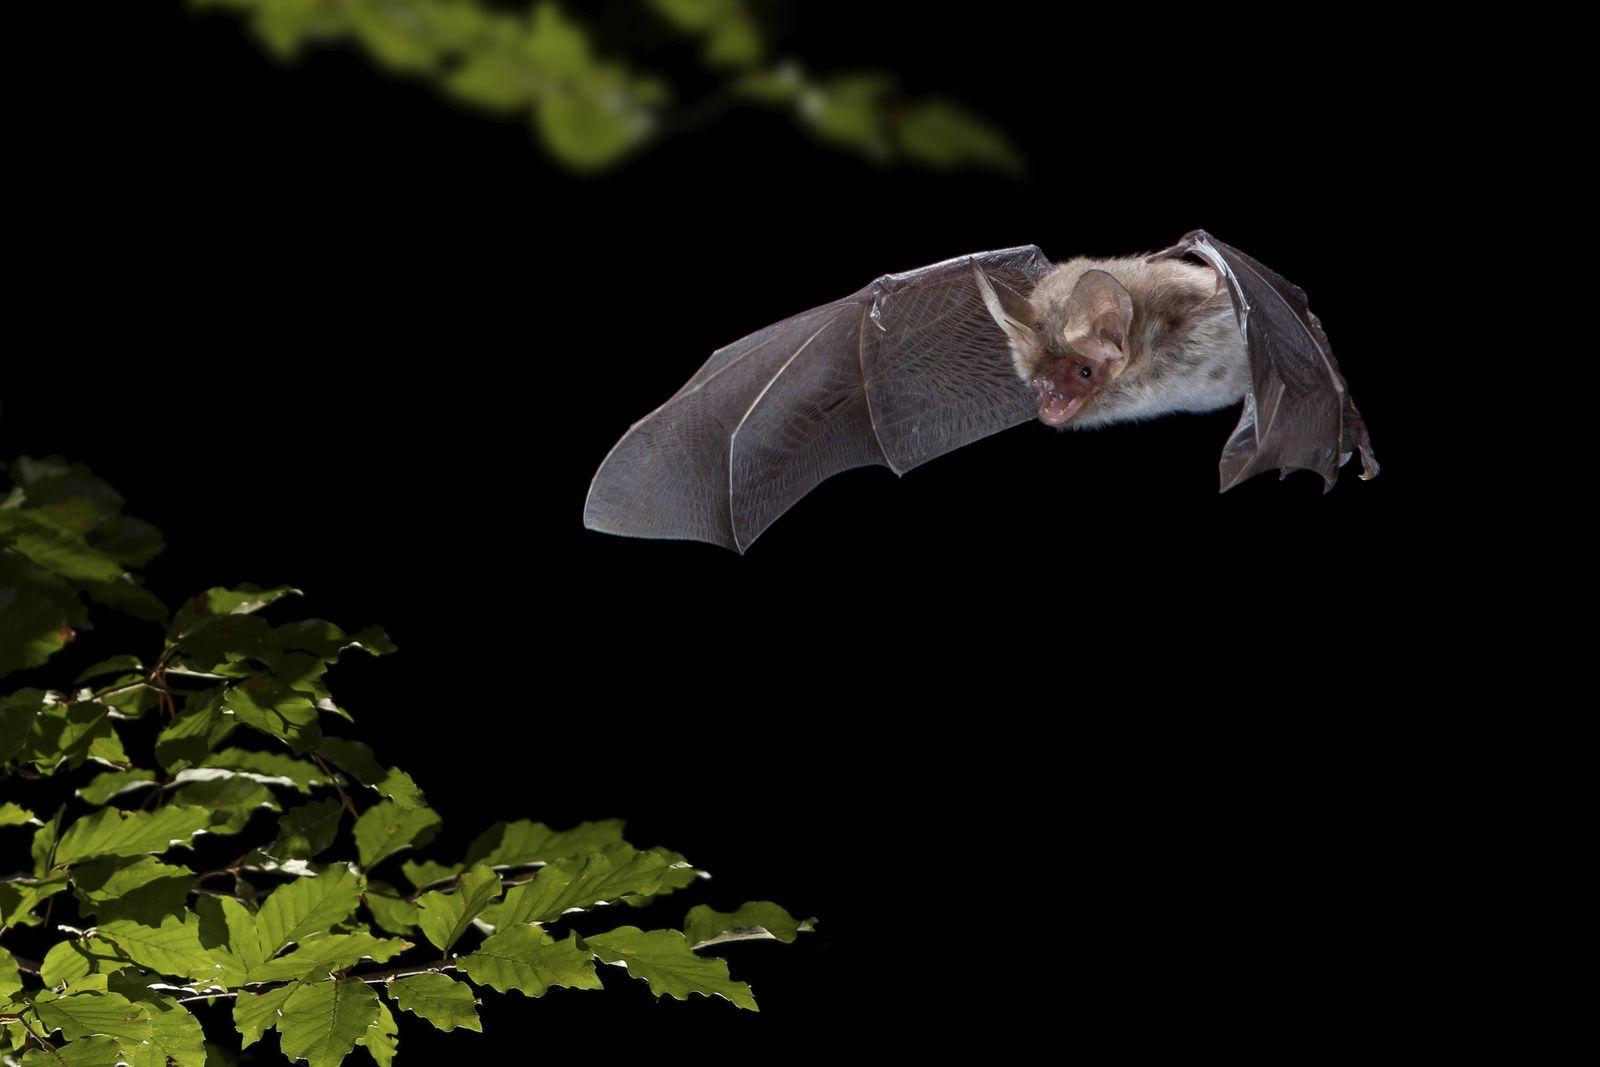 Bechsteinfledermaus Bechstein Fledermaus Myotis bechsteinii jagt in der Nacht Niederlande Bechs